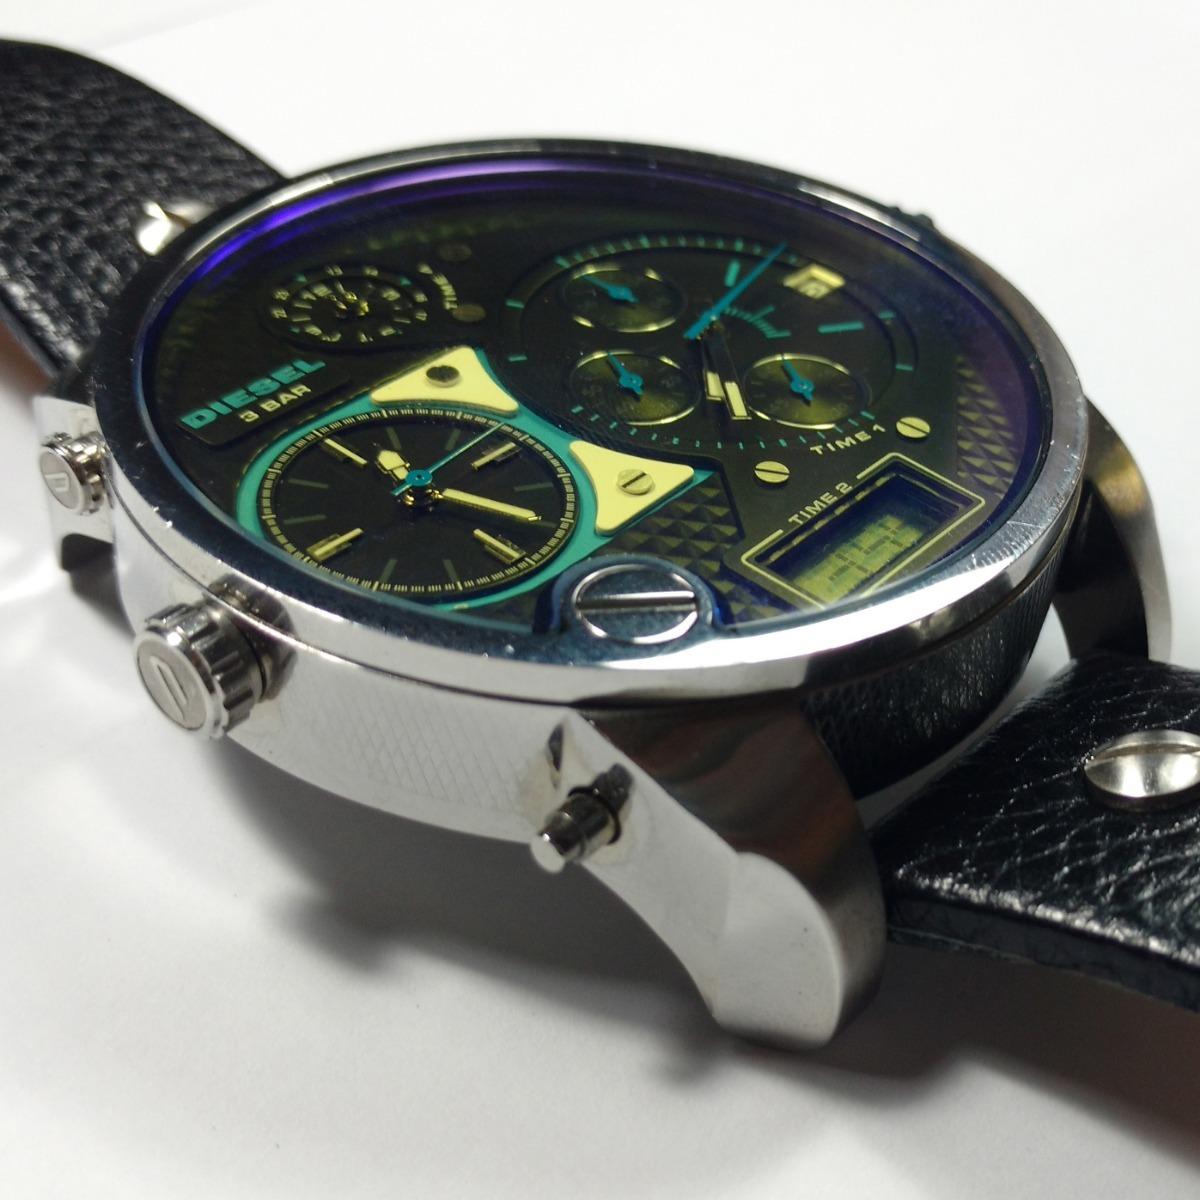 bb09f0607e12a Lindo Relógio Diesel Dz-7278 - R  600,00 em Mercado Livre